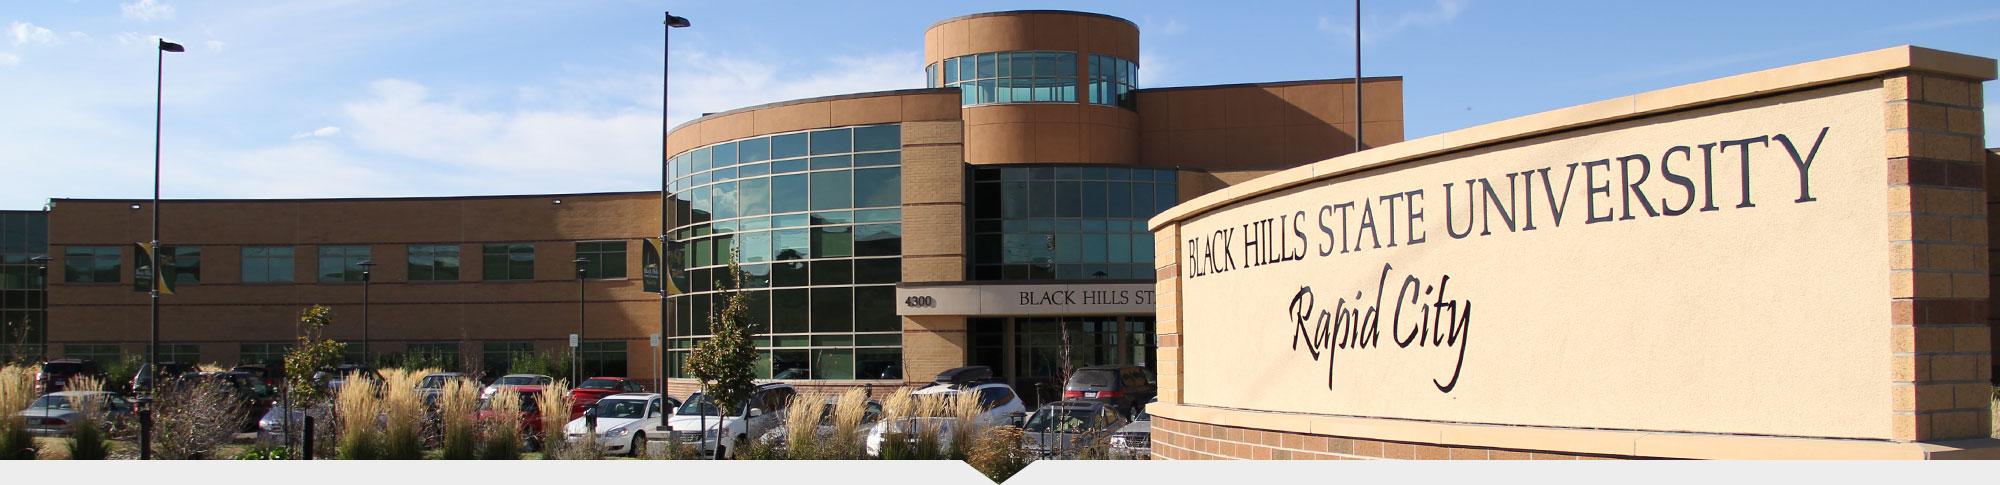 BHSU Rapid City